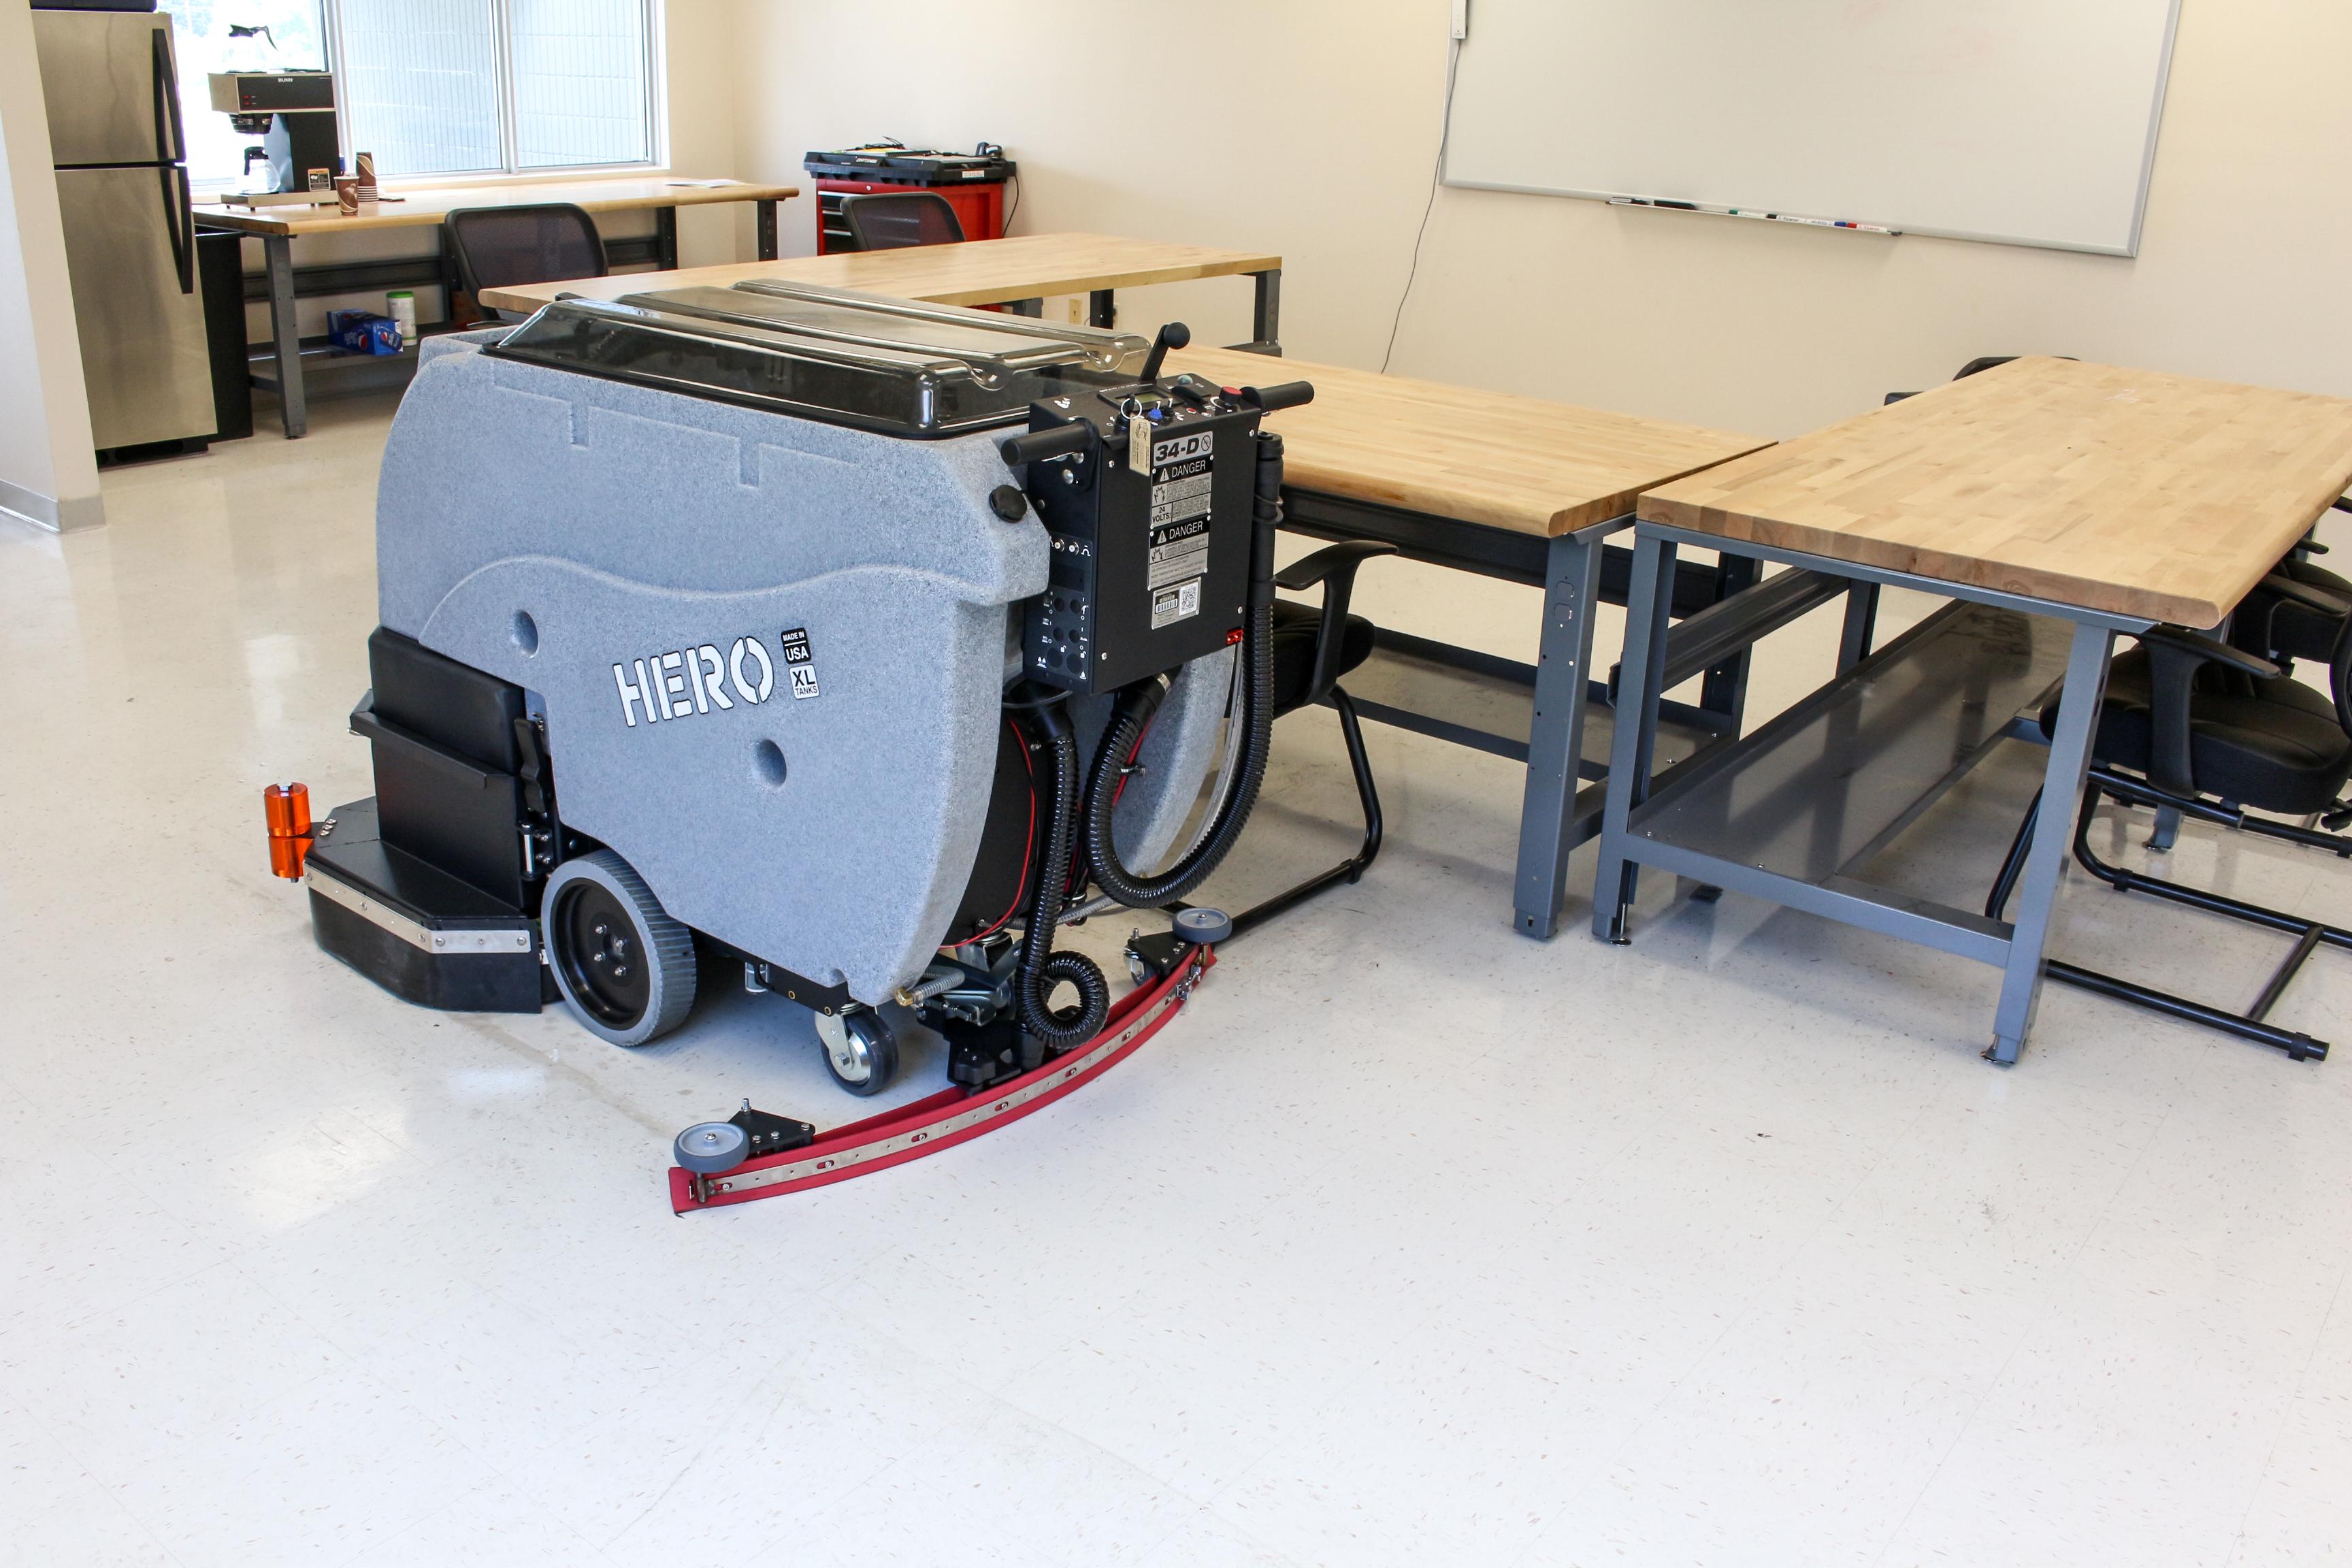 scrubber prep tennant fn edge grabfile type youtube minimag walk floors tomcat mach floor surface behind